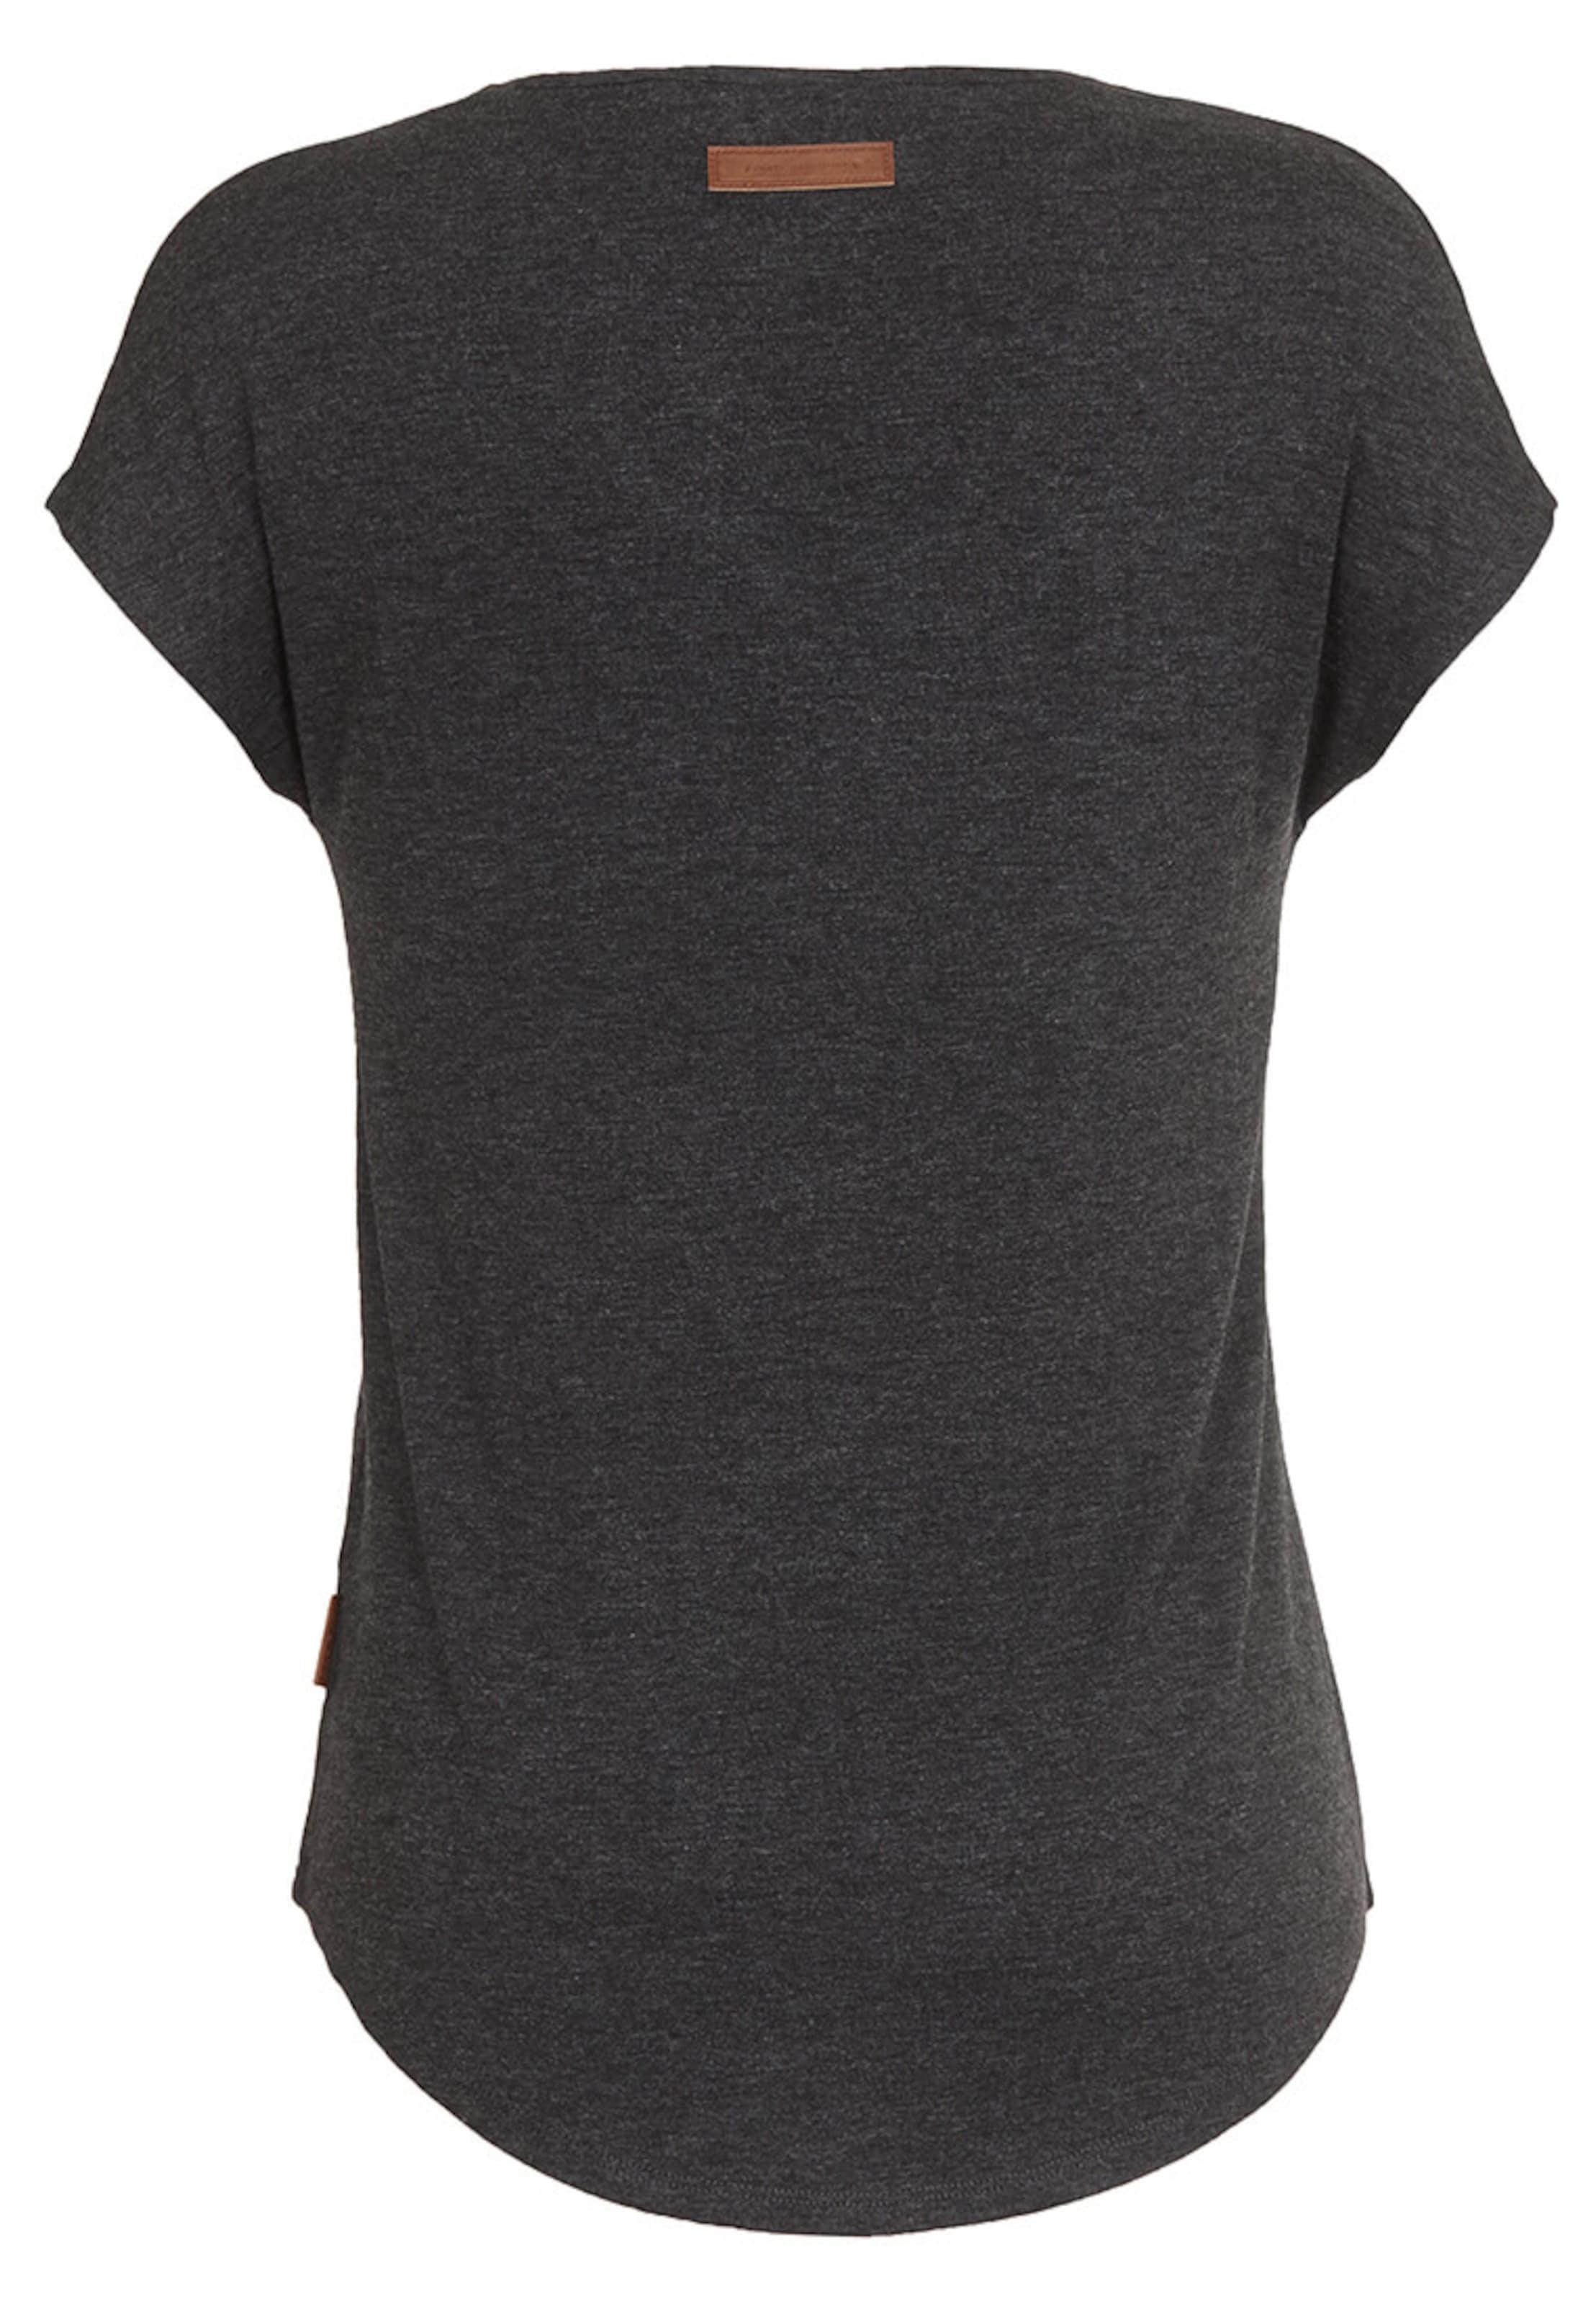 Indigo shirt En T Naketano T shirt Naketano T En Naketano shirt Indigo Yf7yb6gv